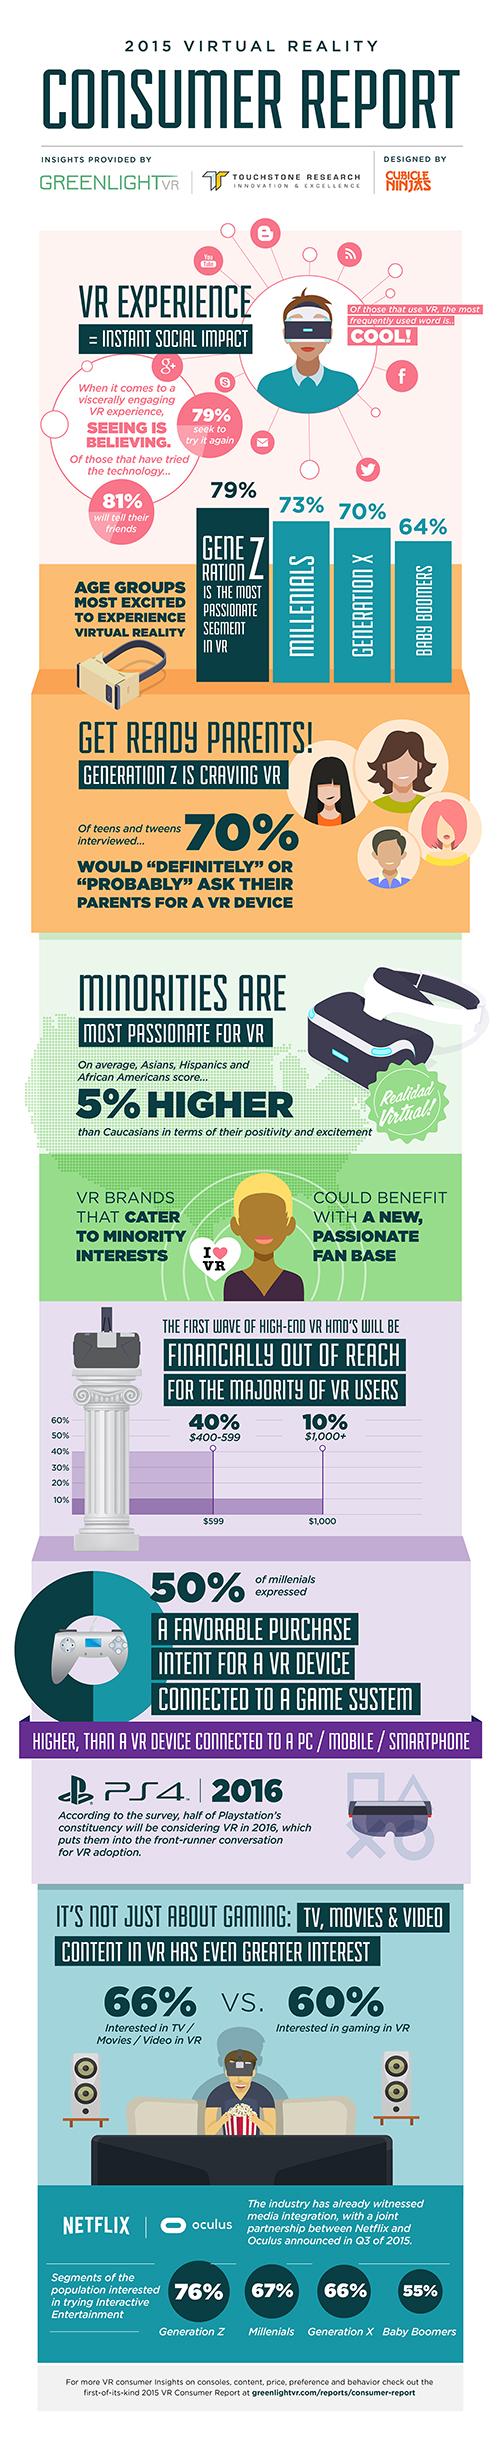 Rocio_R1_GreenlightVR_Infographic_Rocio